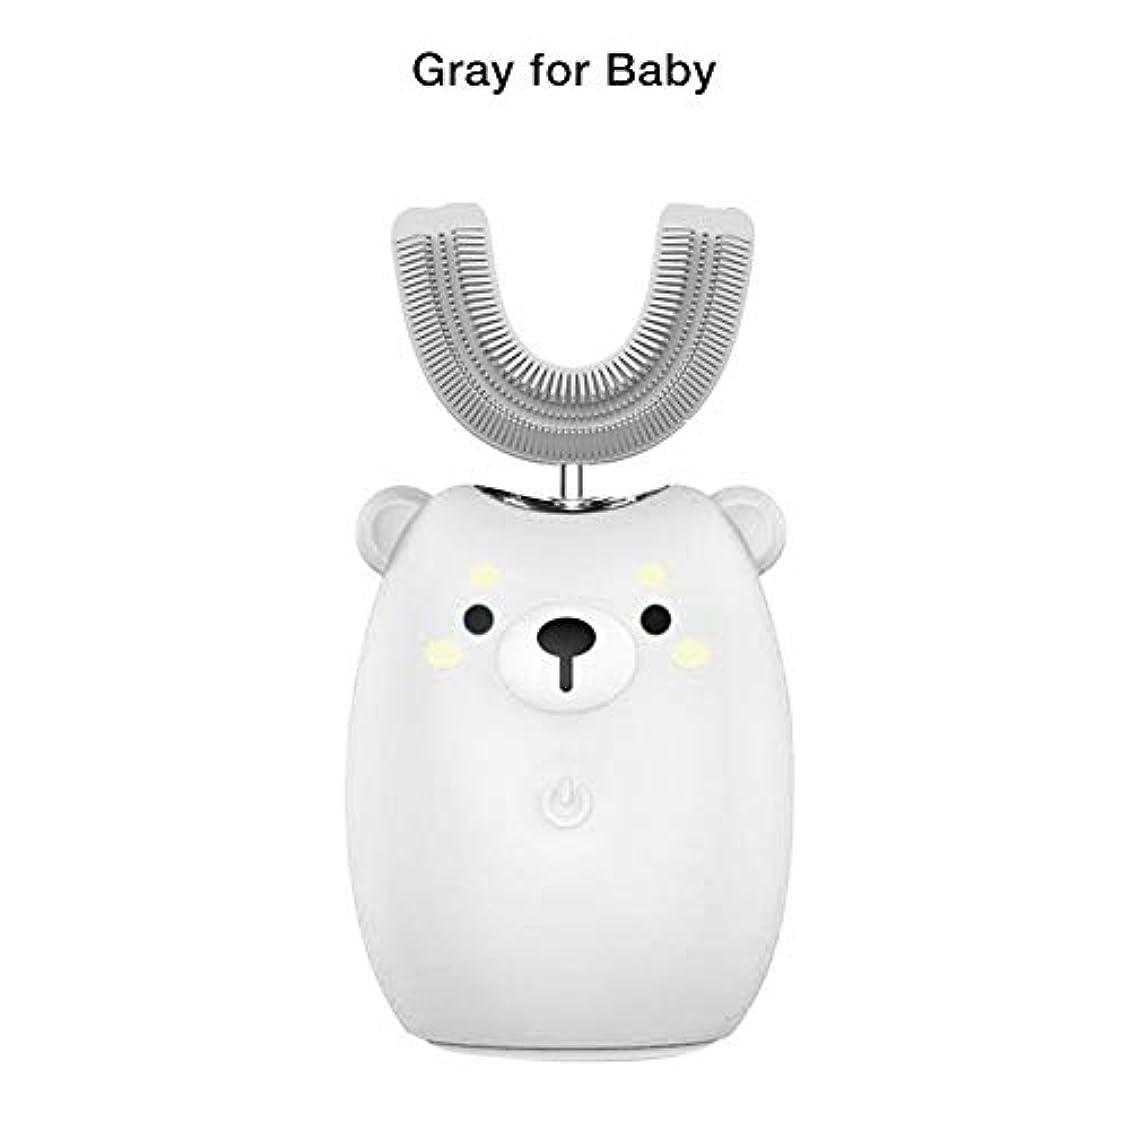 持ってる頂点匹敵しますPer Pet 電動歯ブラシ こども用 360°U型電動歯ブラシ IPX7防水 子供電動歯ブラシ 歯ブラシ 口腔洗浄器 ワイヤレス充電 虫歯予防 全方位 2-12歳